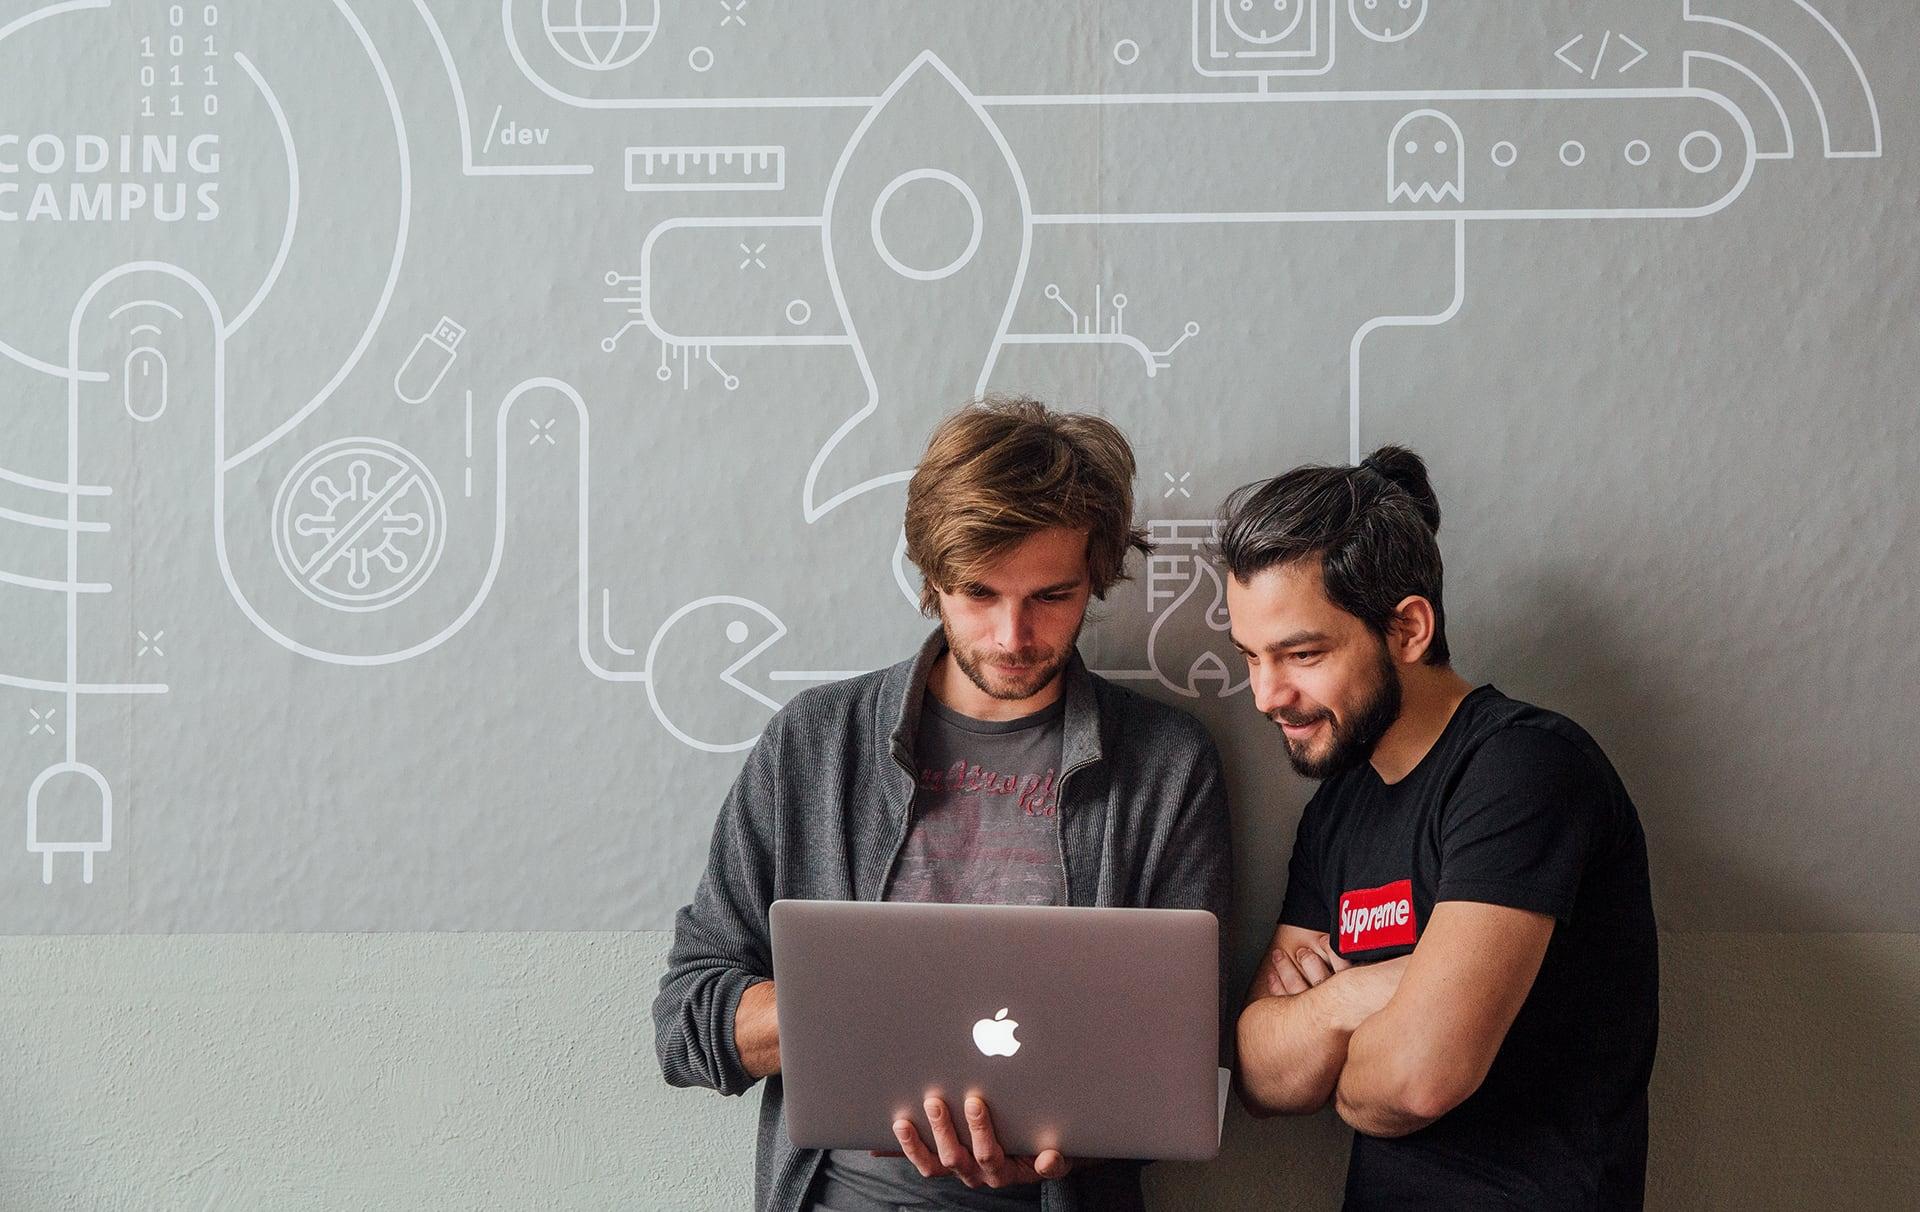 Zwei junge Studenten stehen mit Laptop vor gestalten Innenwand im Campus